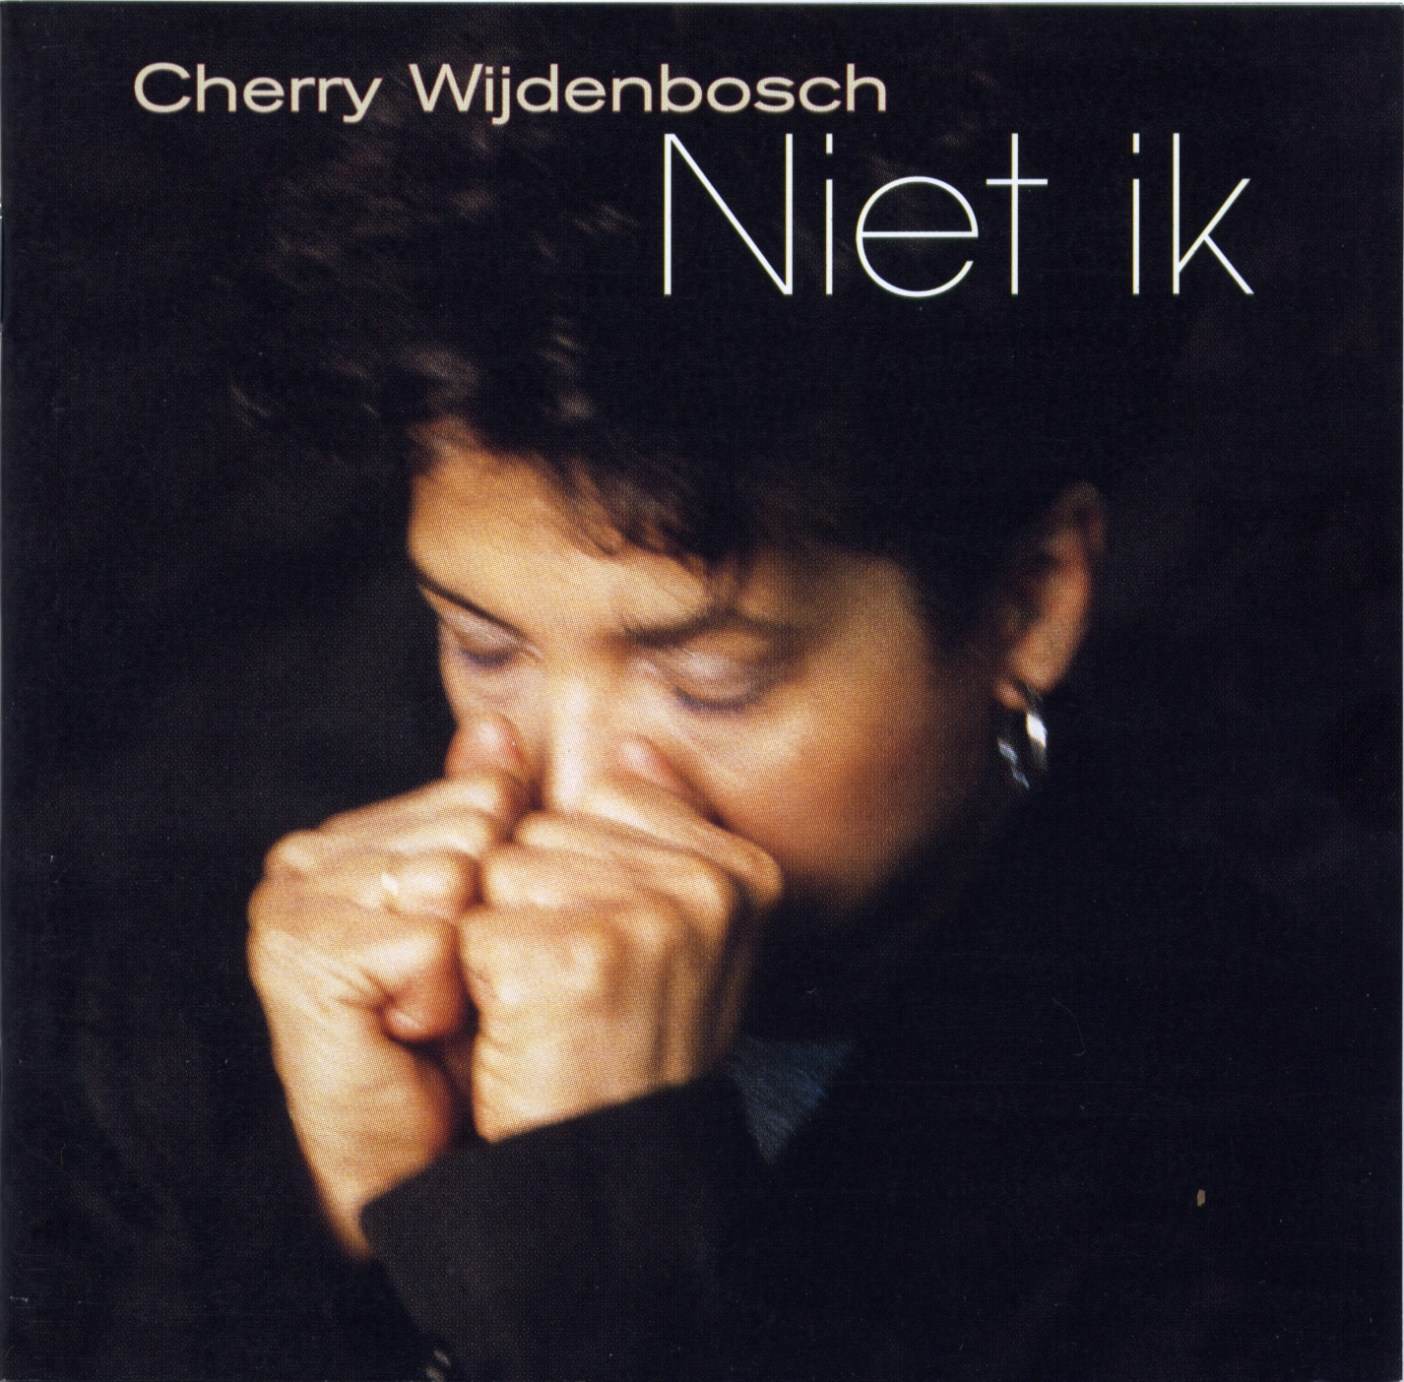 Cherry Wijdenbosch - Niet ik